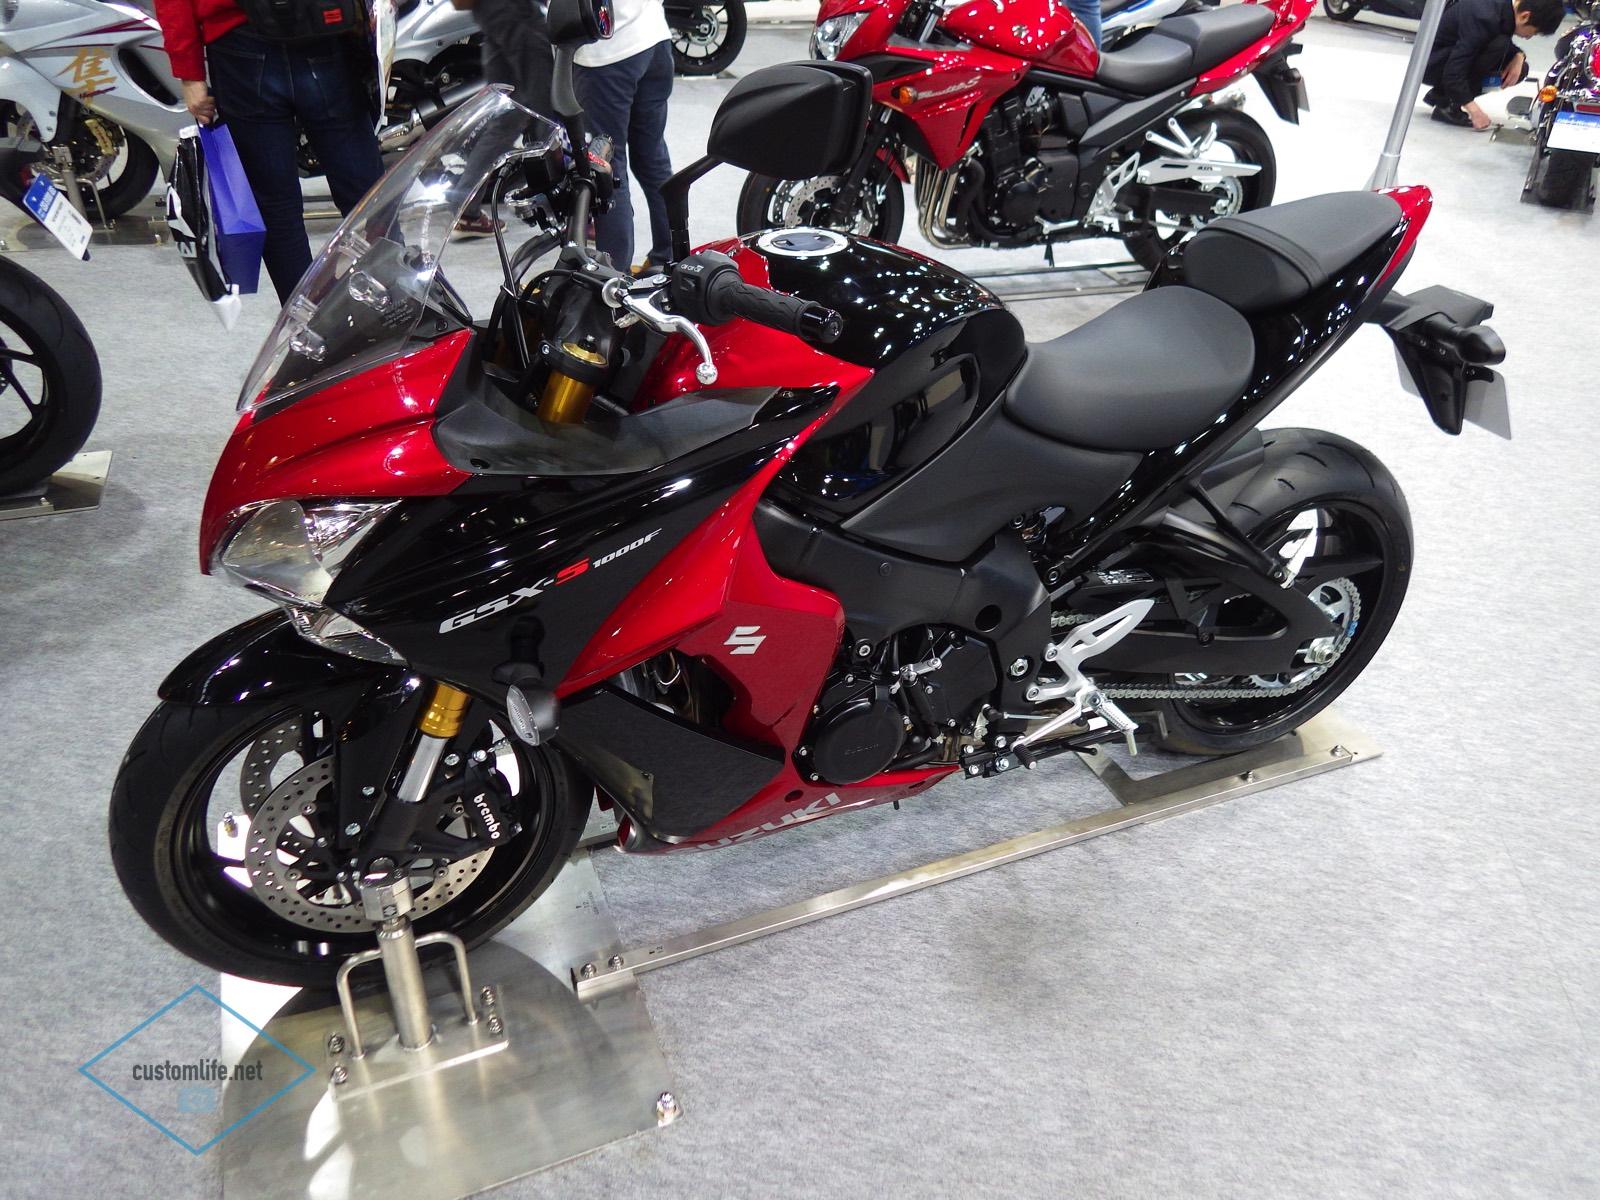 MotorcycleShow 2015 Osaka 69